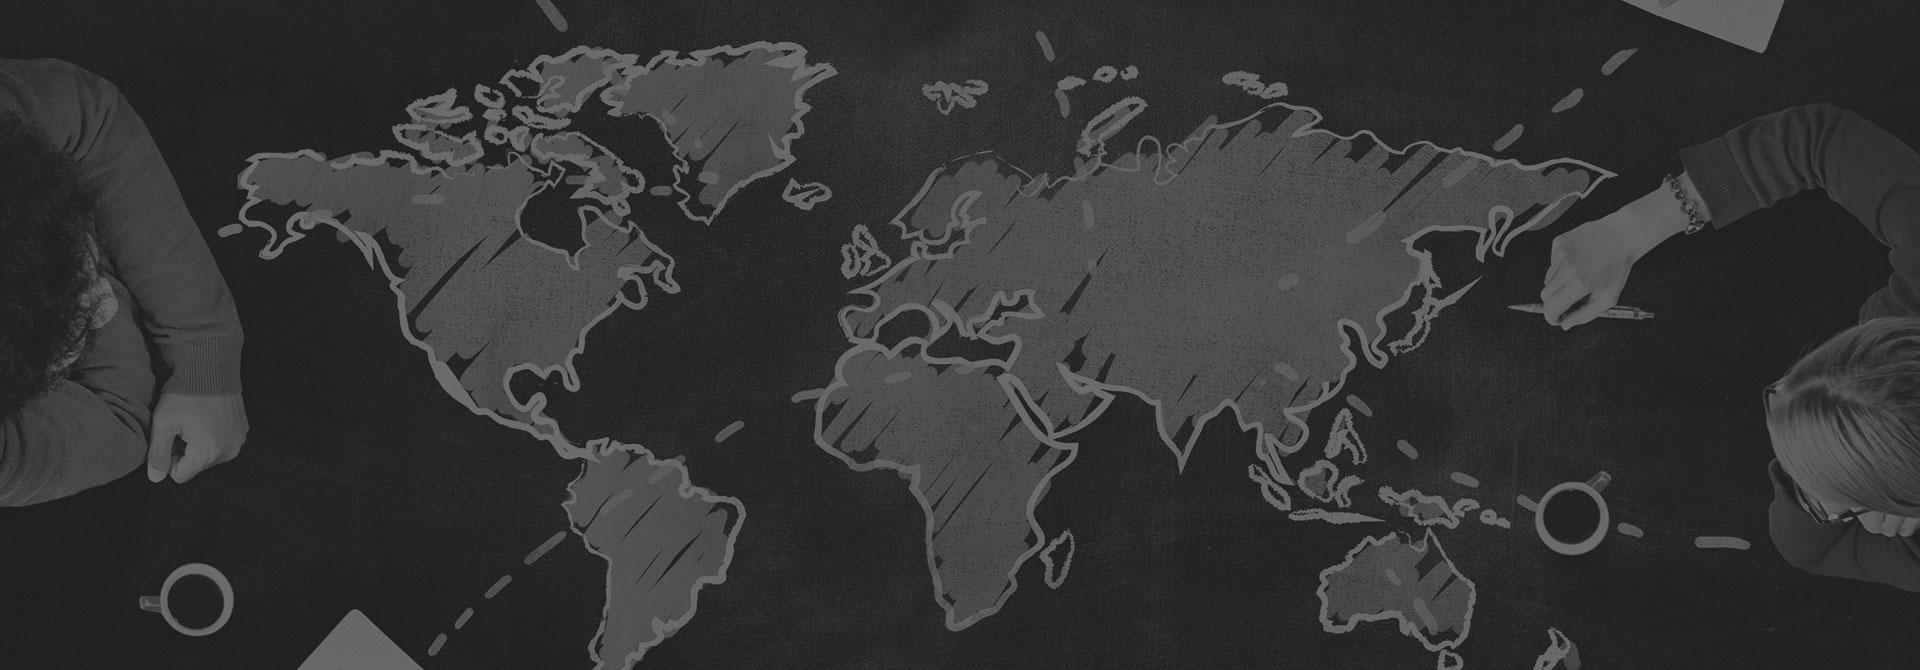 Traductores profesionales - Agencia de traducción | Trágora